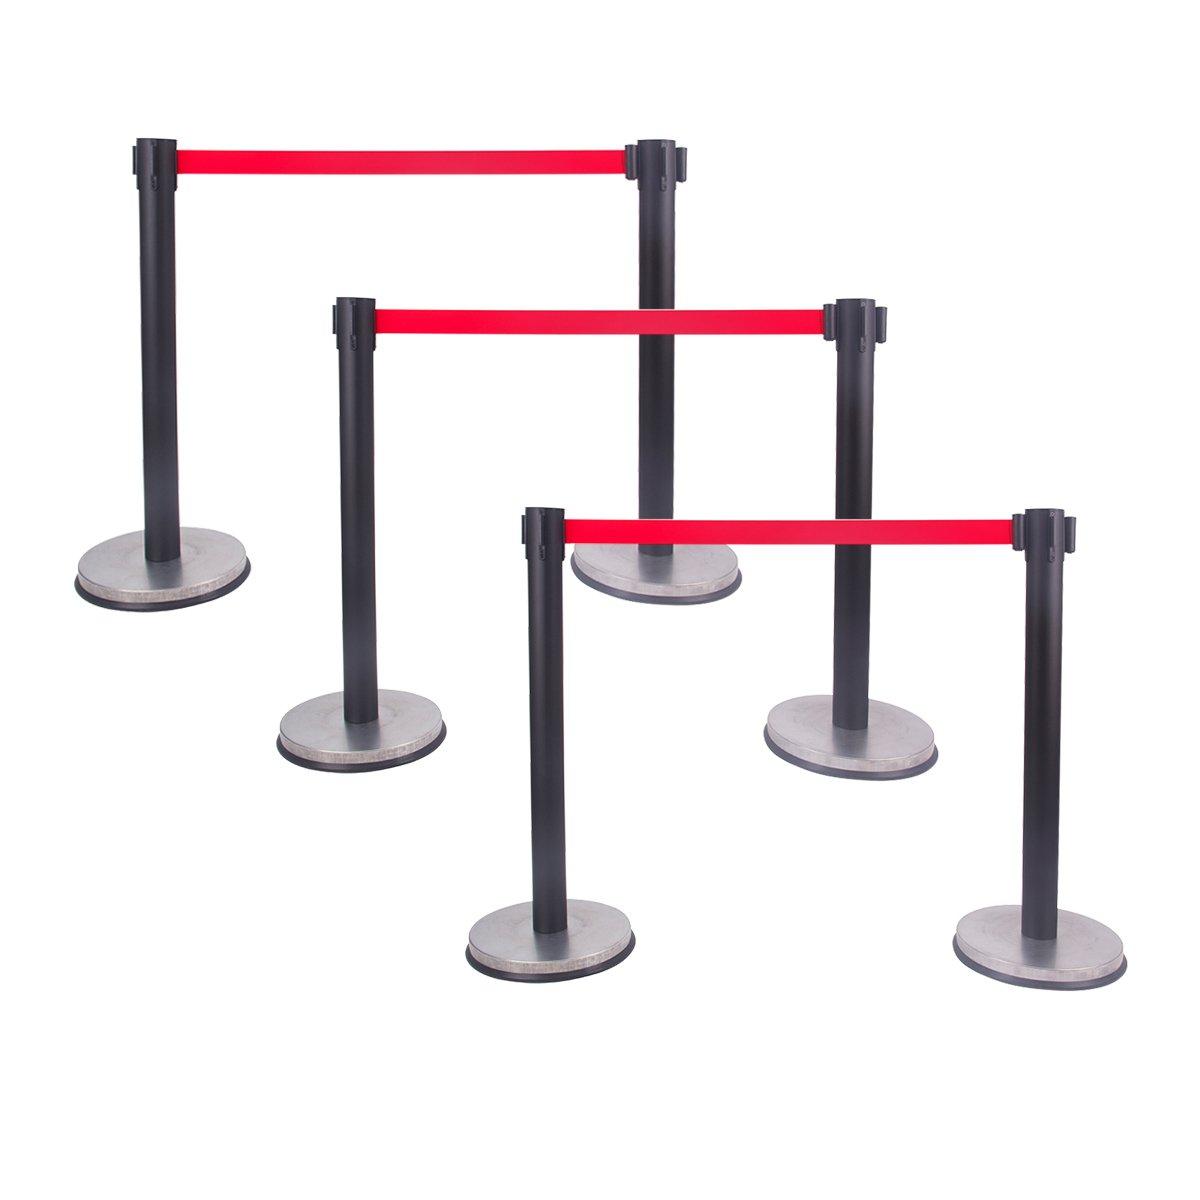 Black Stanchion Set Posts Queue Pole Retractable Red Belt Crowd Control Barrier New (6)